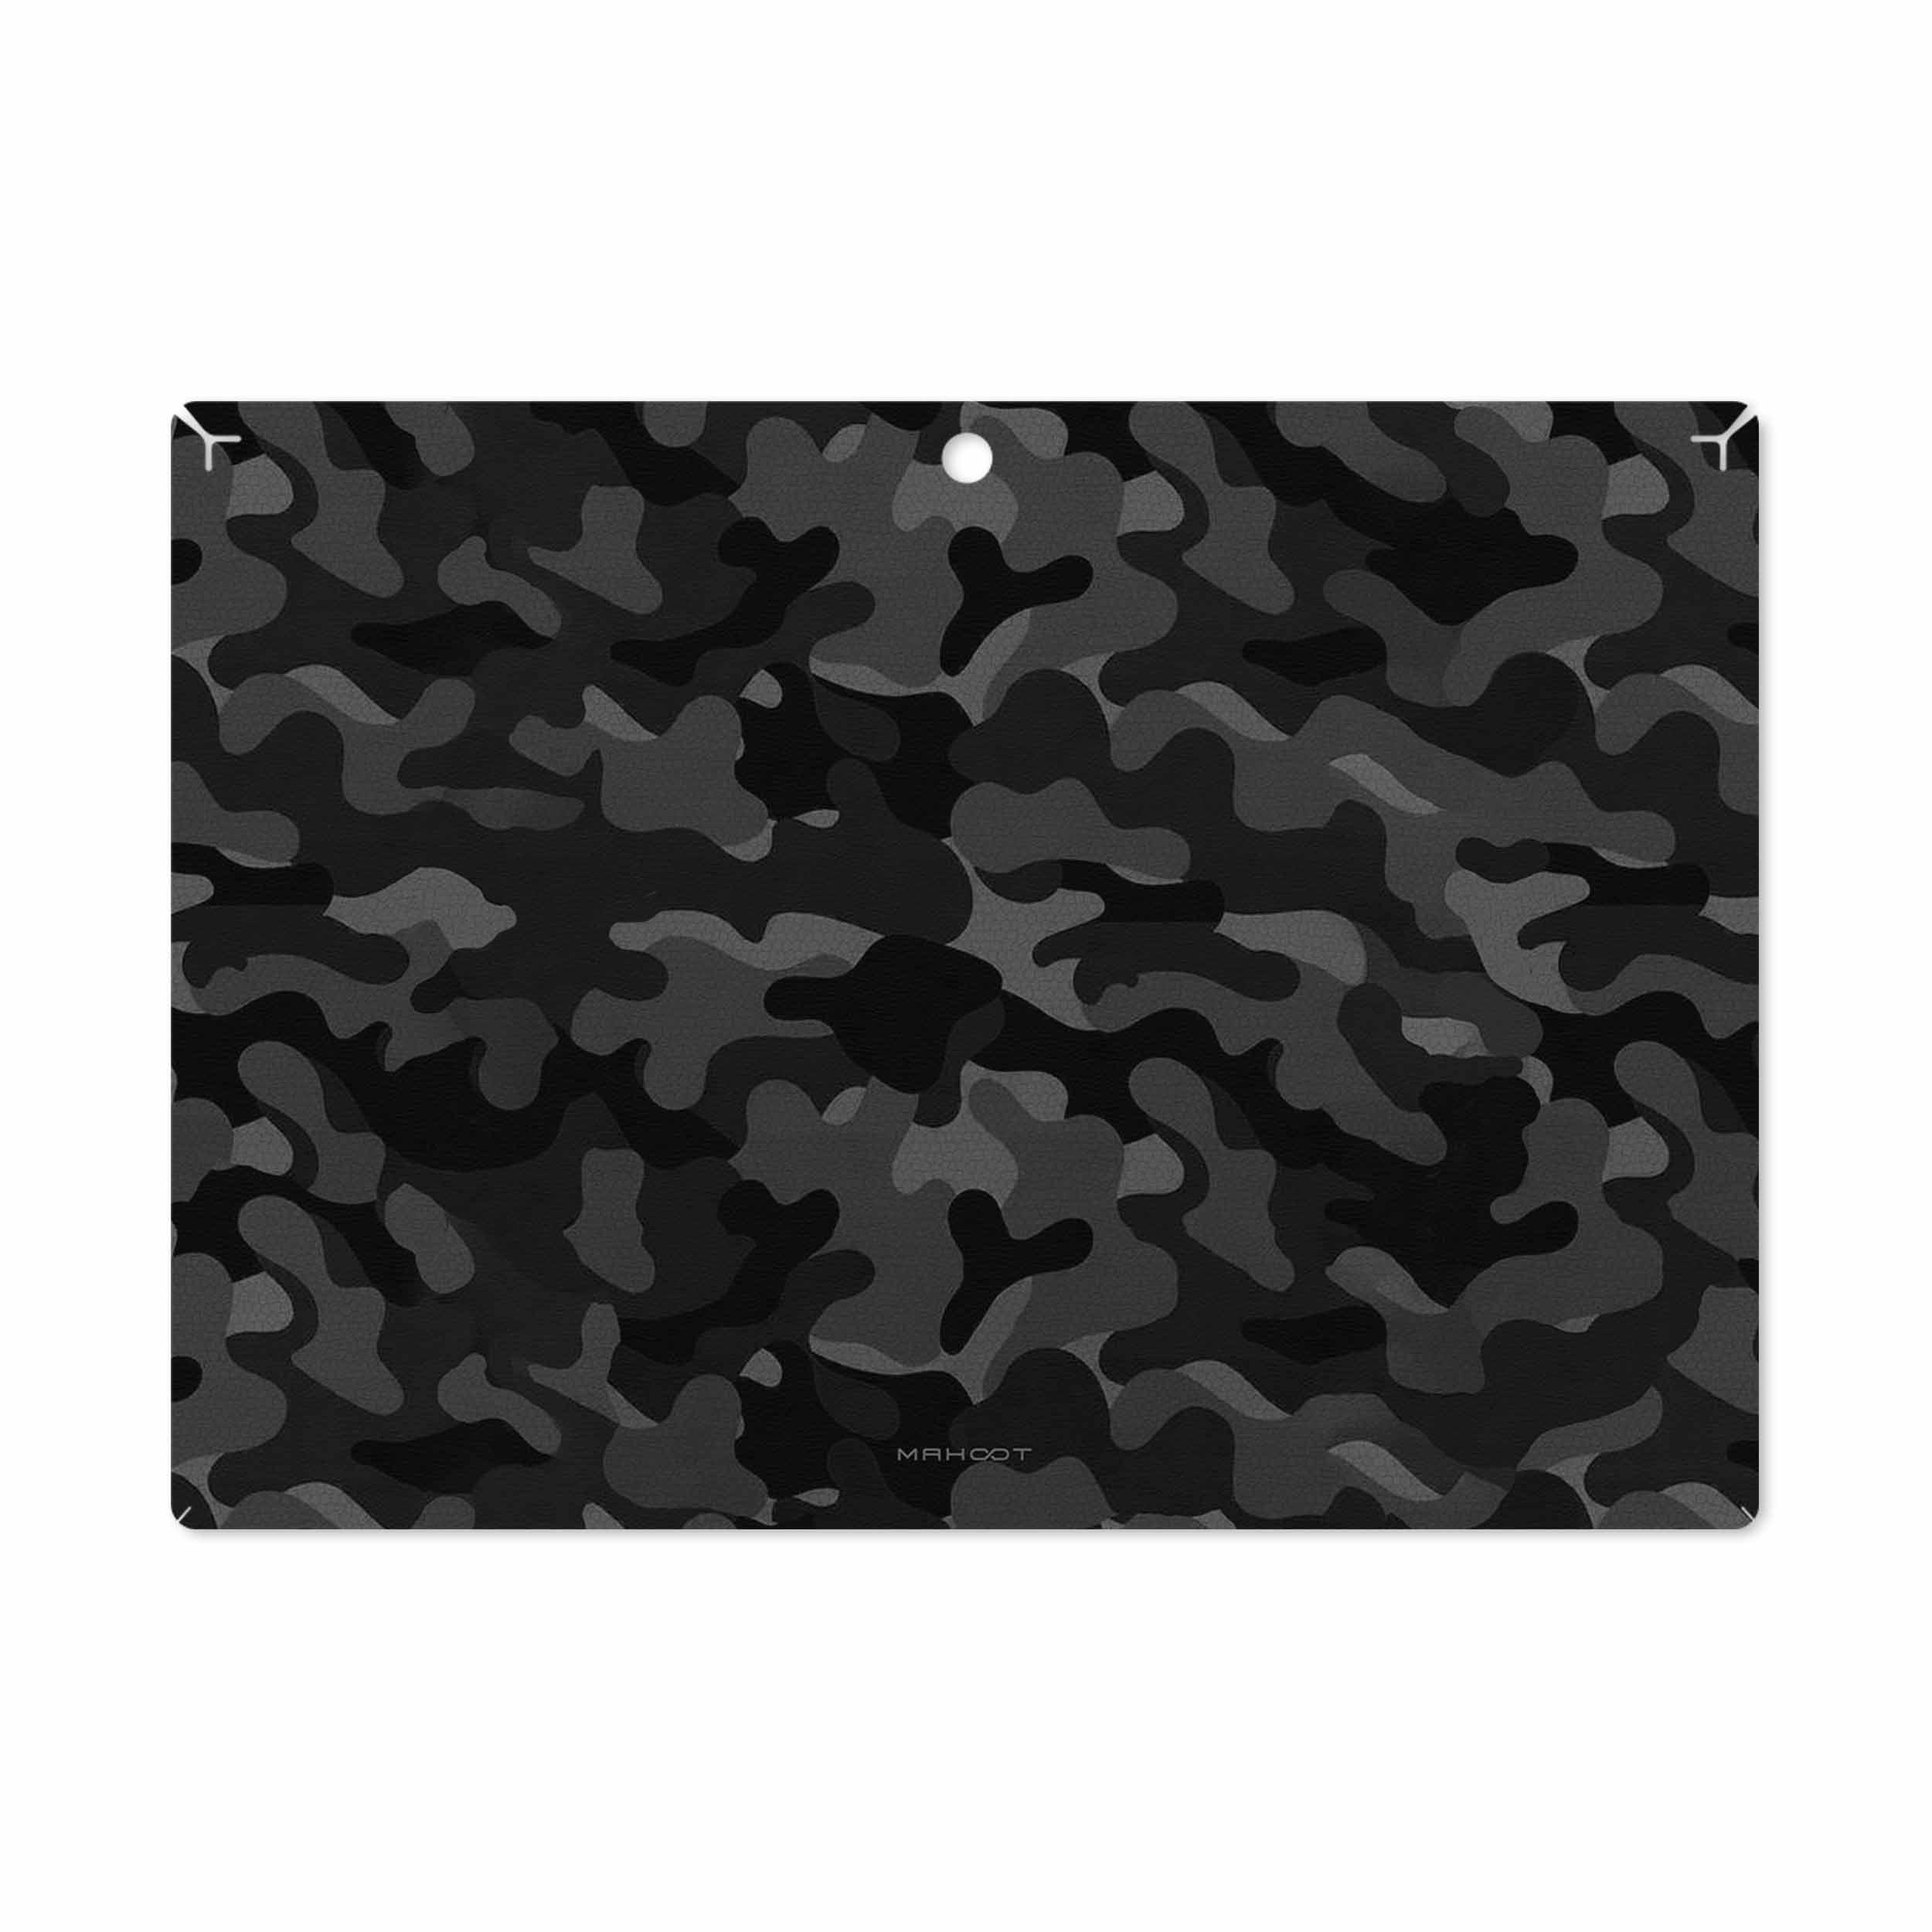 بررسی و خرید [با تخفیف]                                     برچسب پوششی ماهوت مدل Night-Army مناسب برای تبلت لنوو Miix 320 2017                             اورجینال